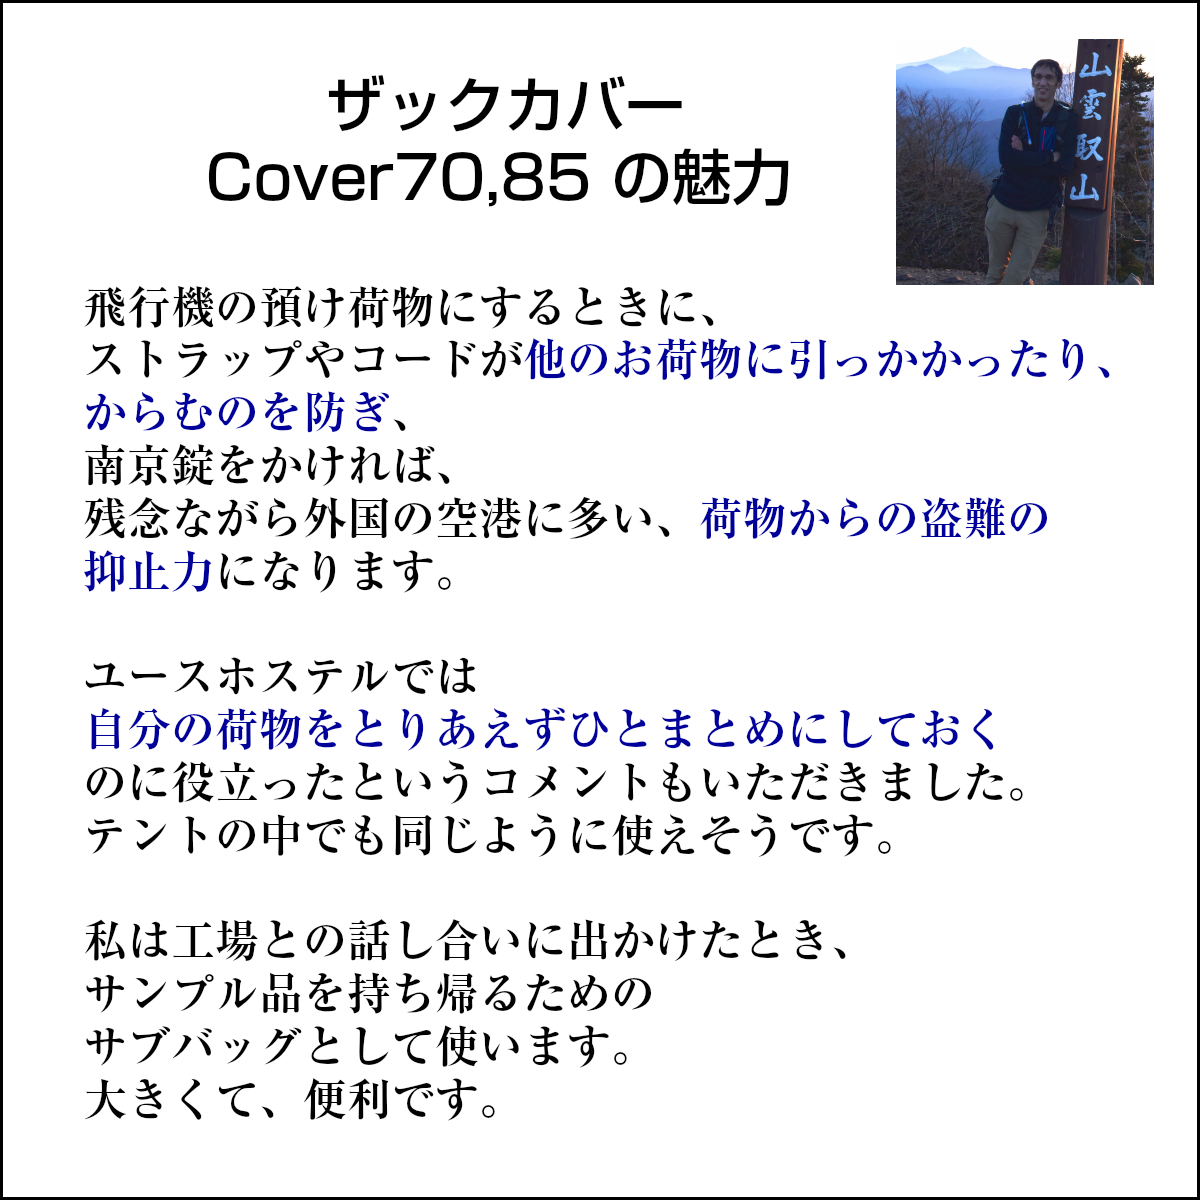 ザックカバー Cover 85 アコンカグア 盗難防止,破損防止,汚れ防止,サブバッグ,レインカバー